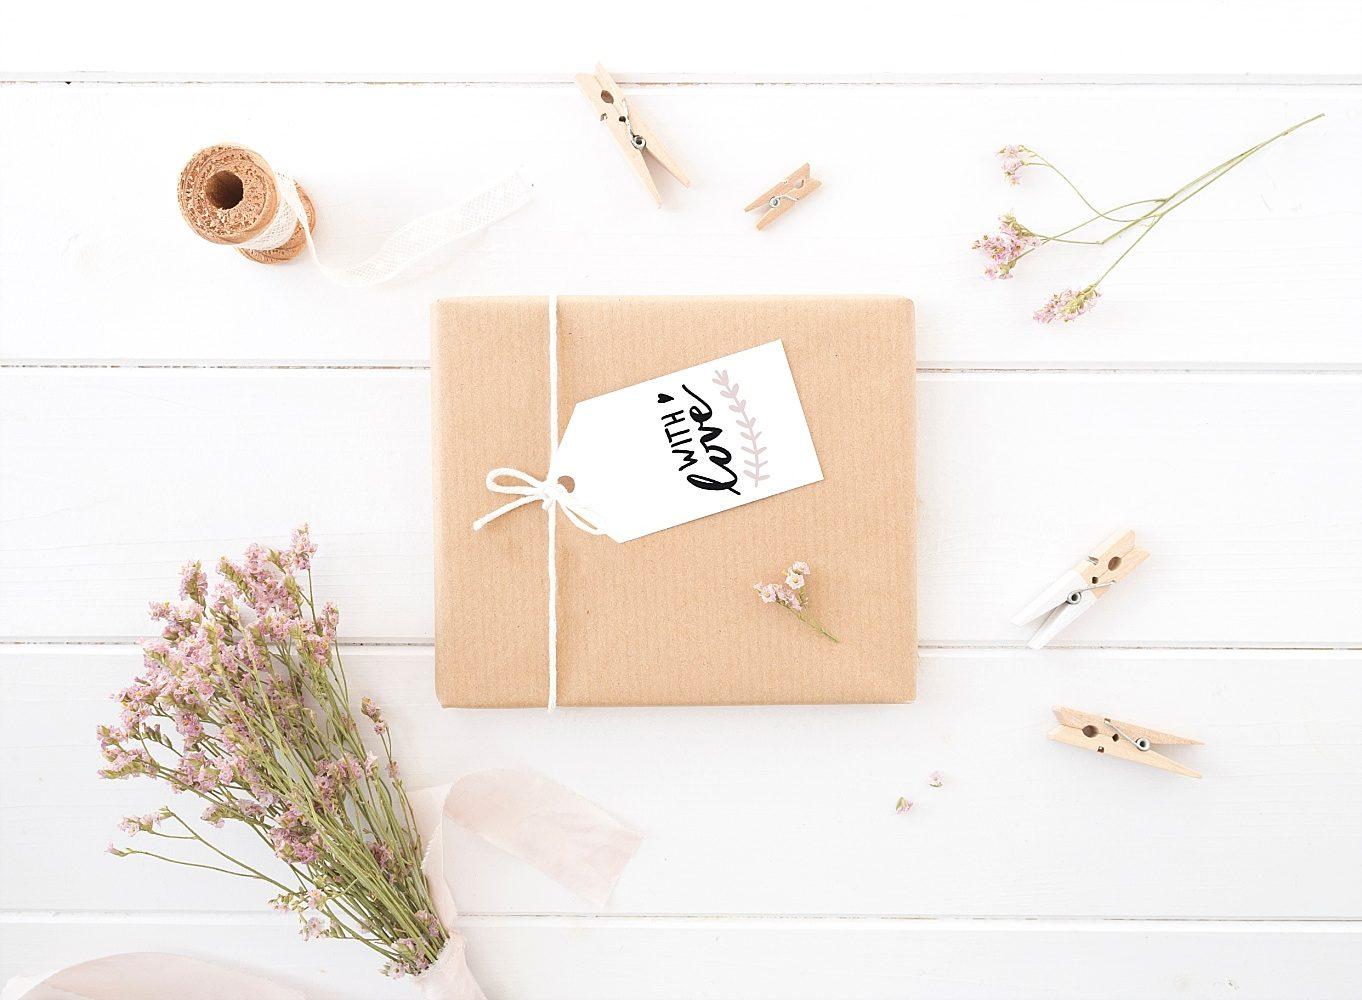 Und heute gibt es zu diesem anlass noch eine besondere überraschung für euch einen freebie mit geschenkanhängern von lena marieke design für euch zum